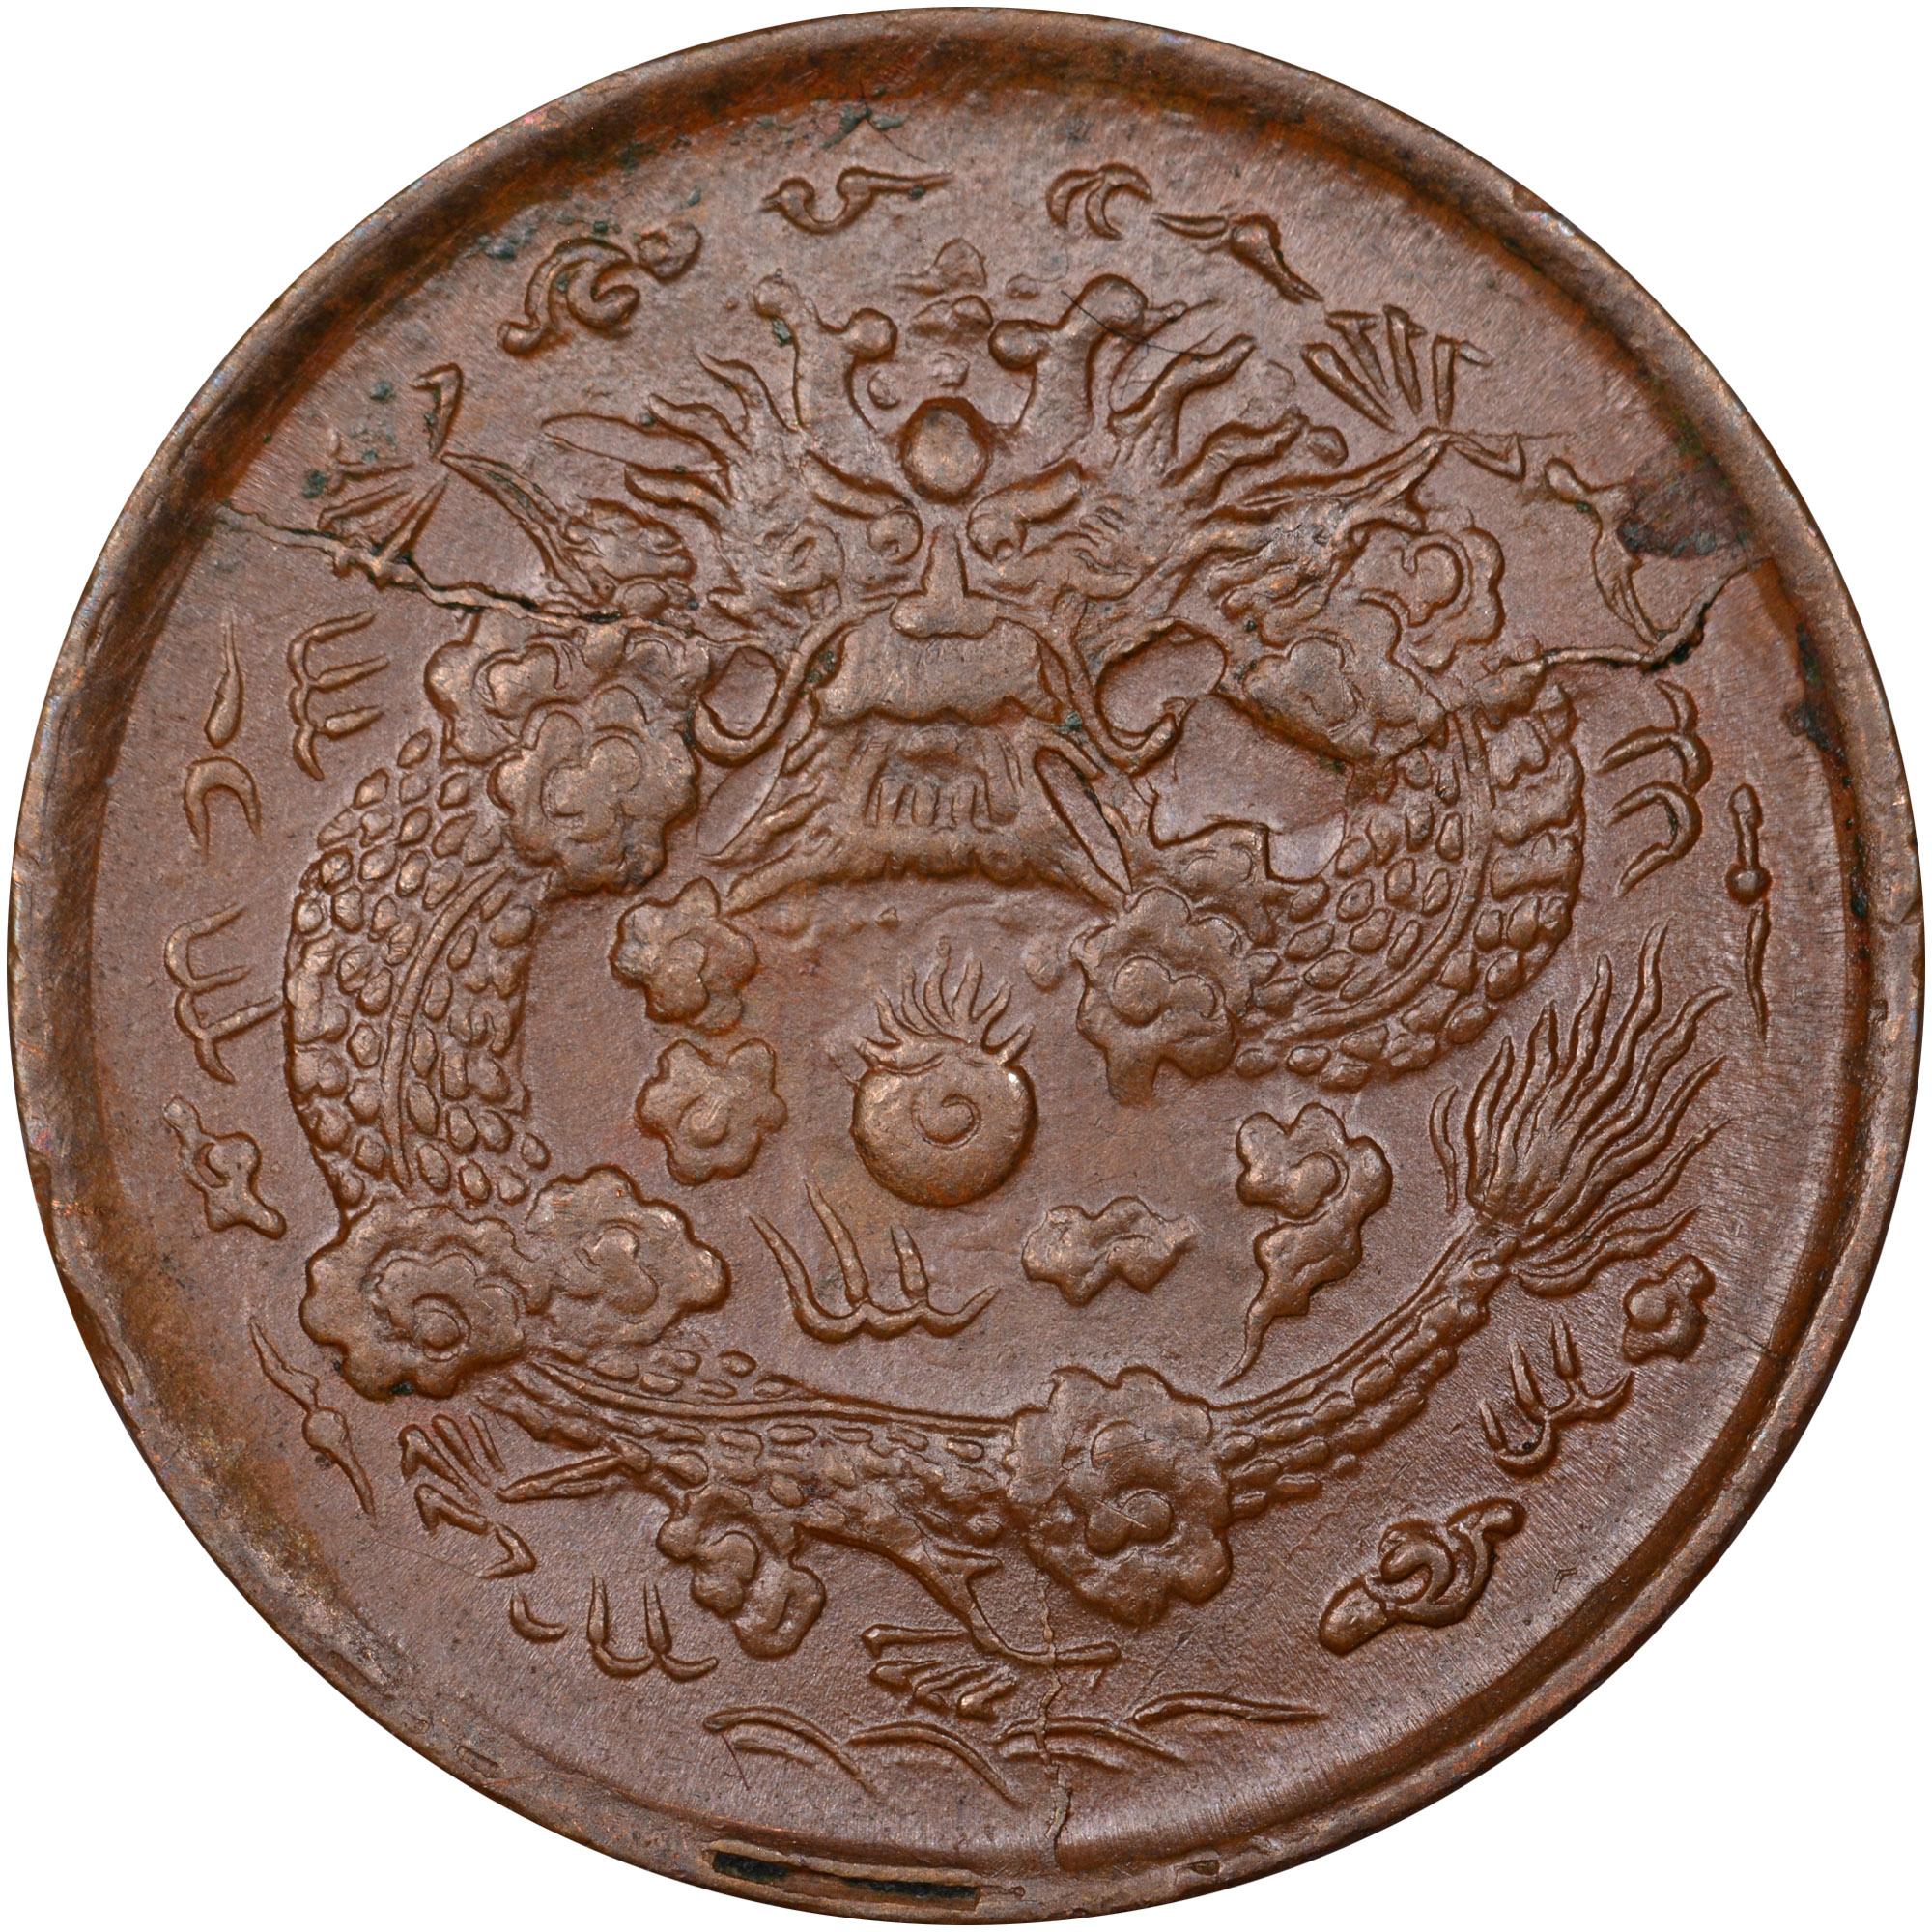 1906 China CHEKIANG PROVINCE 2 Cash reverse